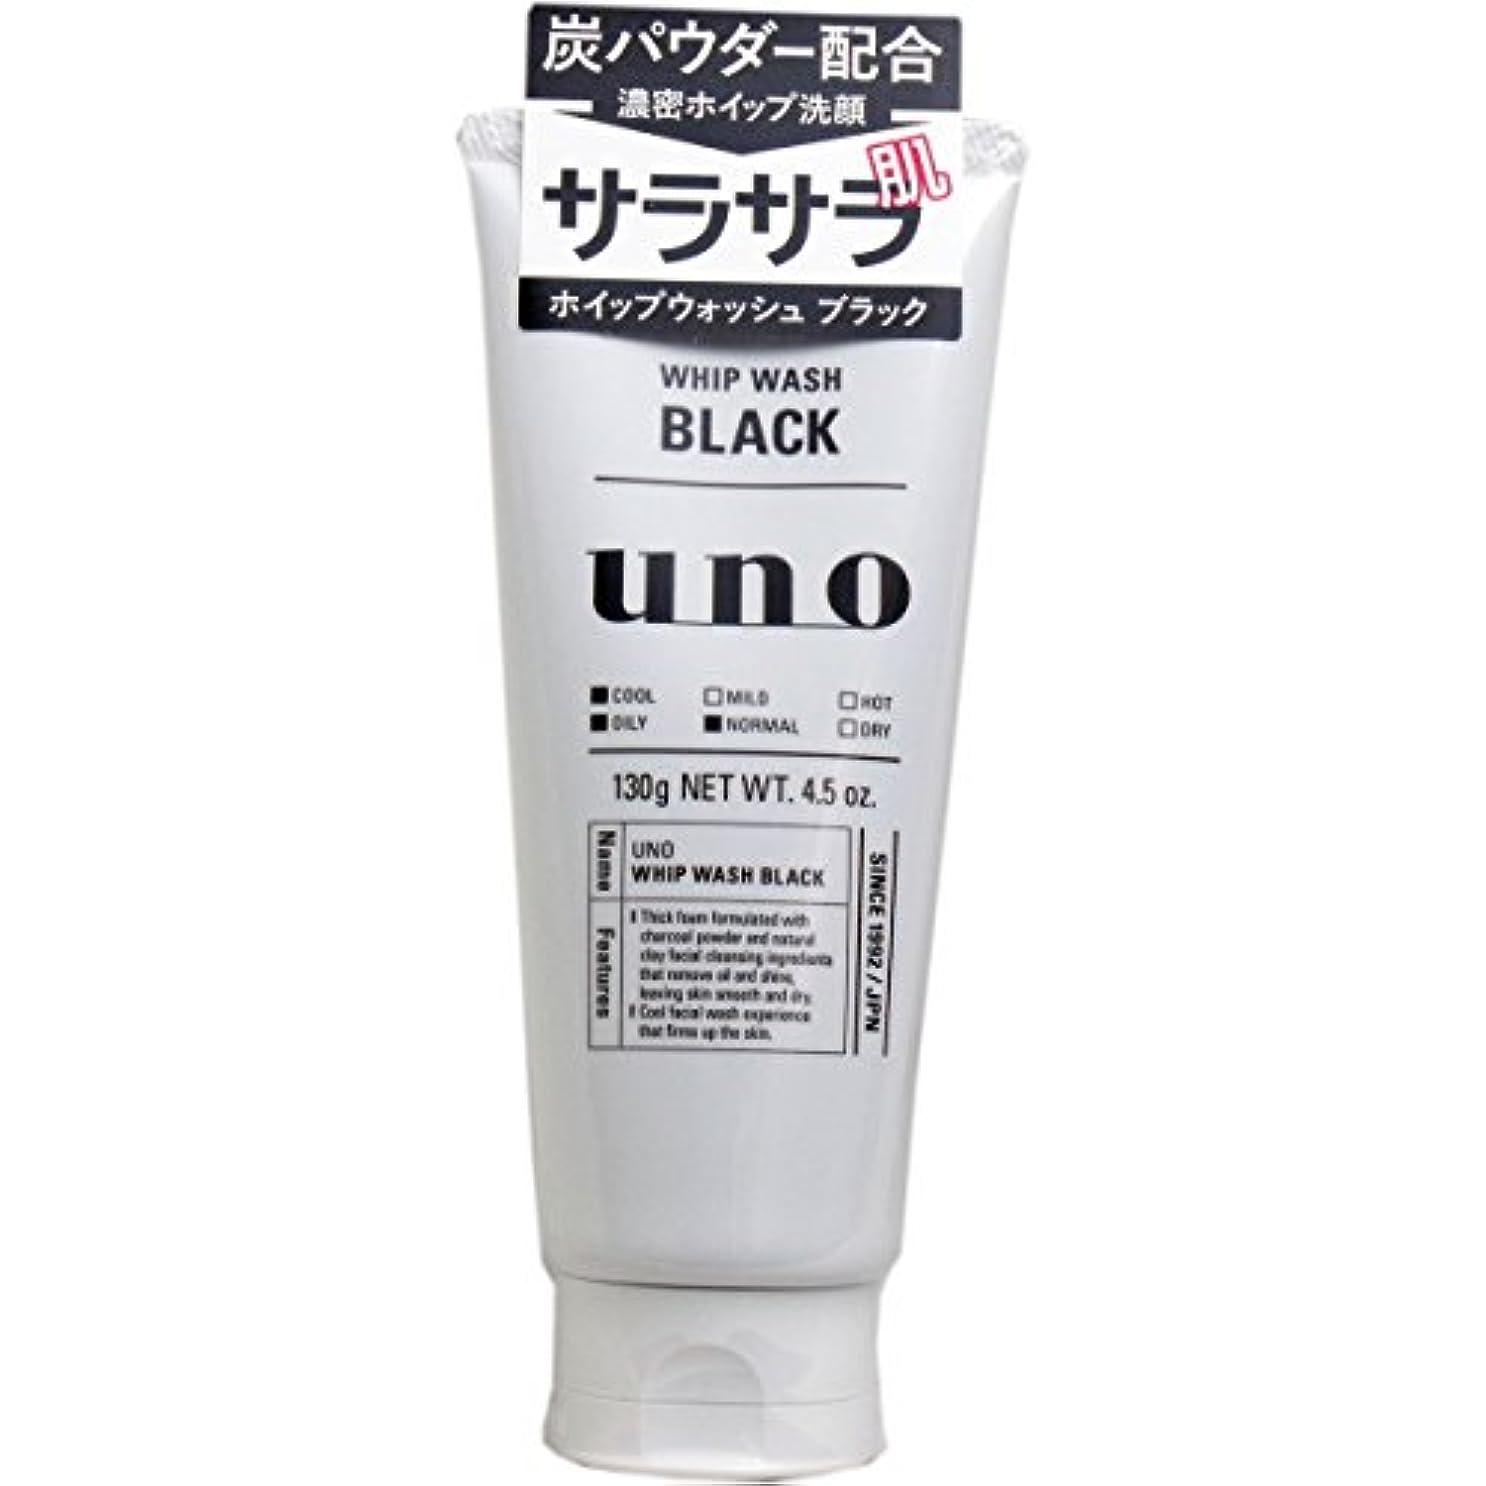 フラグラント五月マントル【まとめ買い】ウーノ ホイップウォッシュ (ブラック) 洗顔料 130g×6個